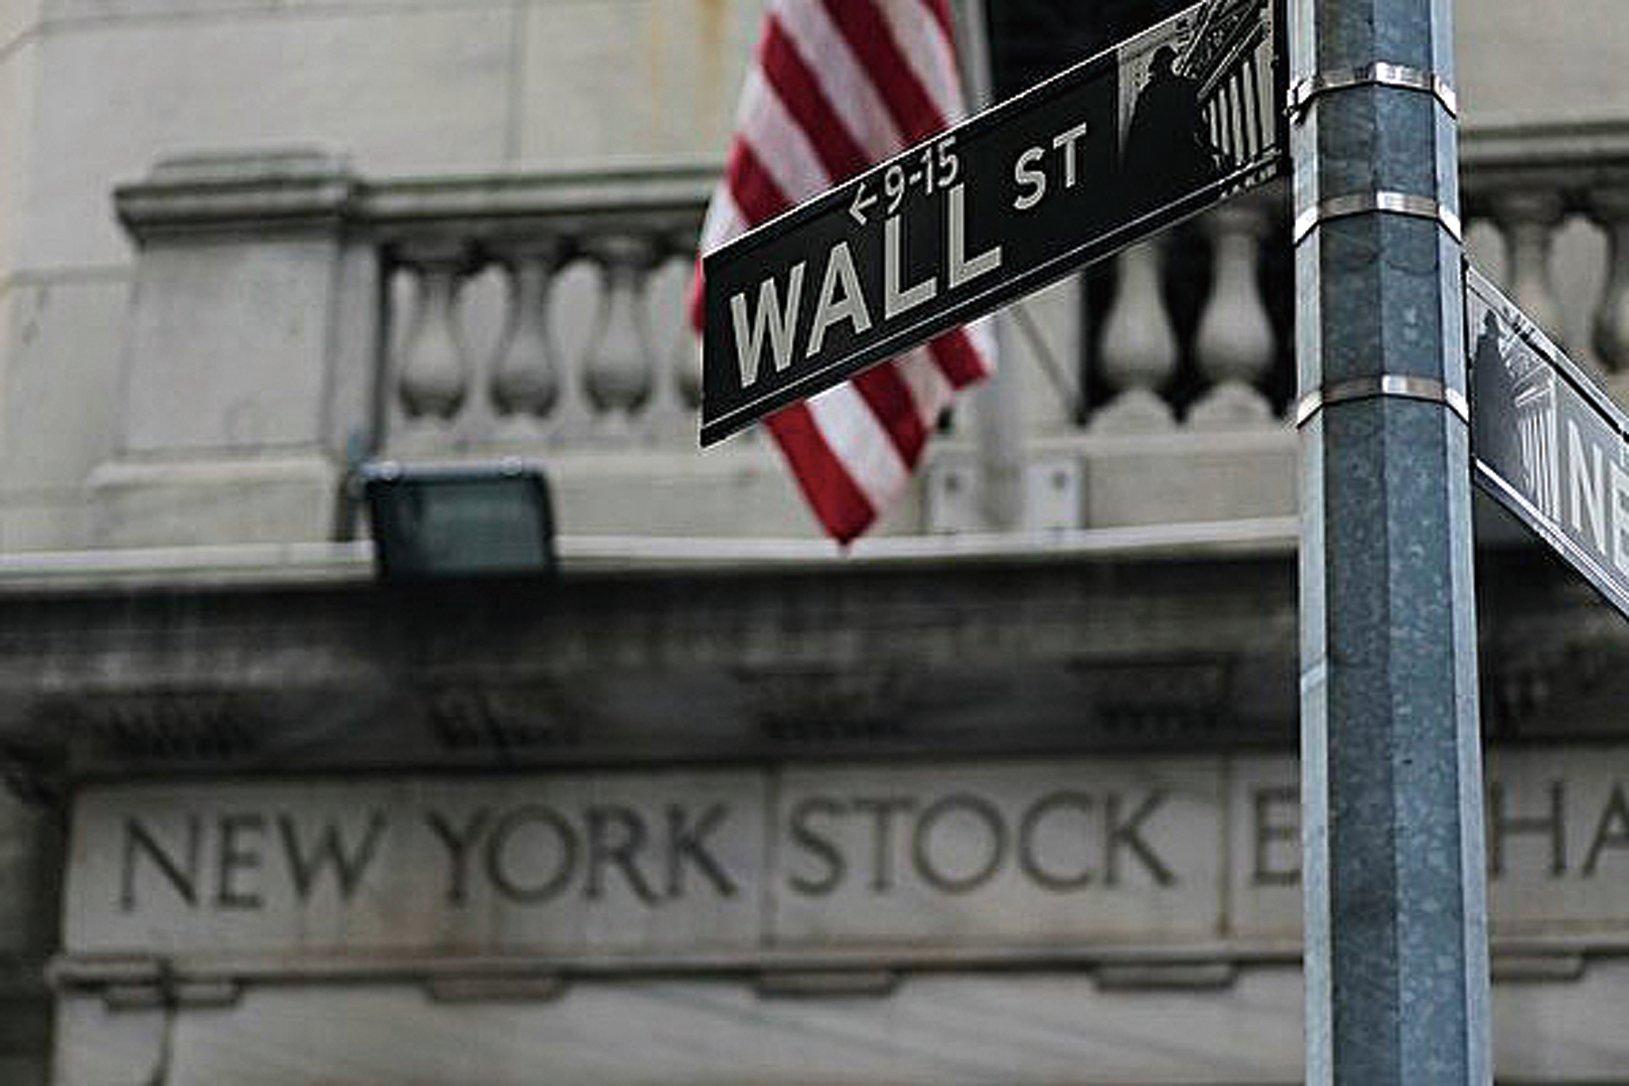 受到中共資本管控的影響,中國公司美元債券發行量出現暴增。圖紐約華爾街。(Getty Images)